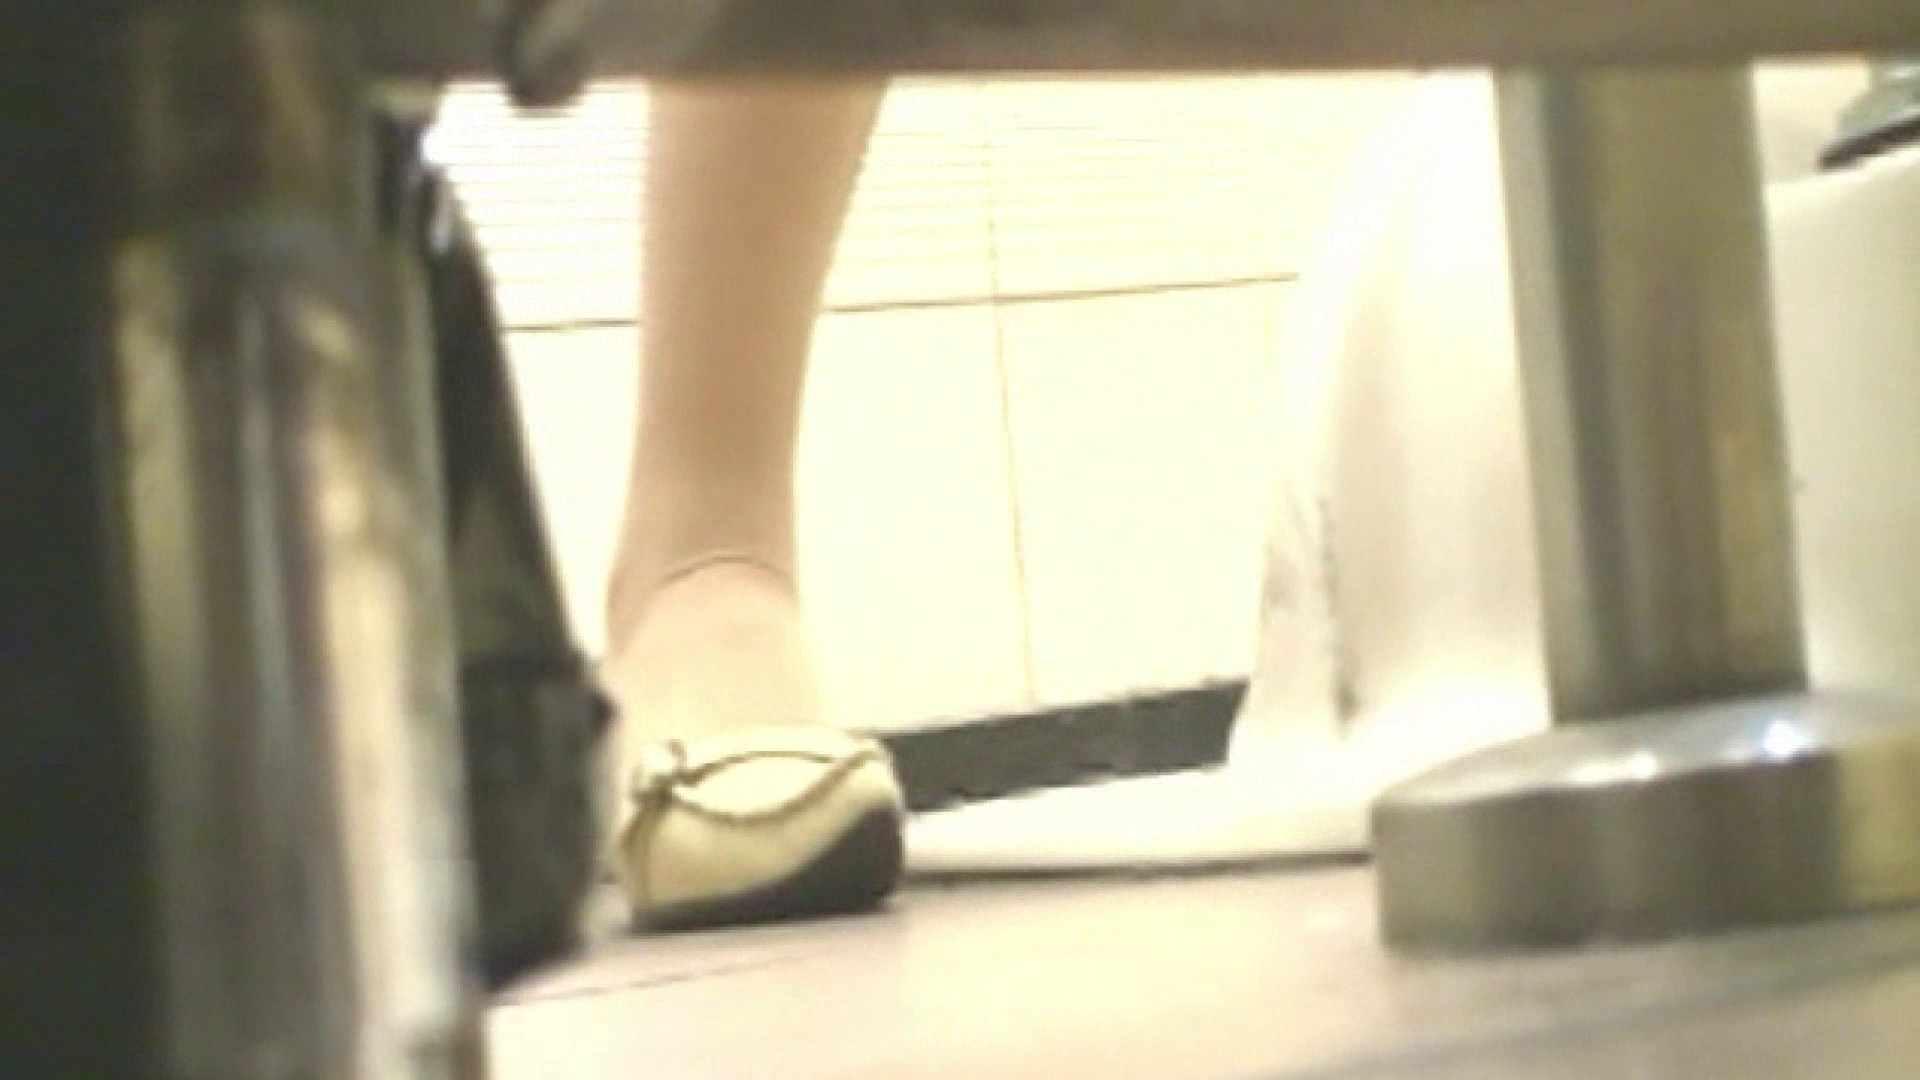 ロックハンドさんの盗撮記録File.47 マンコ・ムレムレ 濡れ場動画紹介 99pic 44